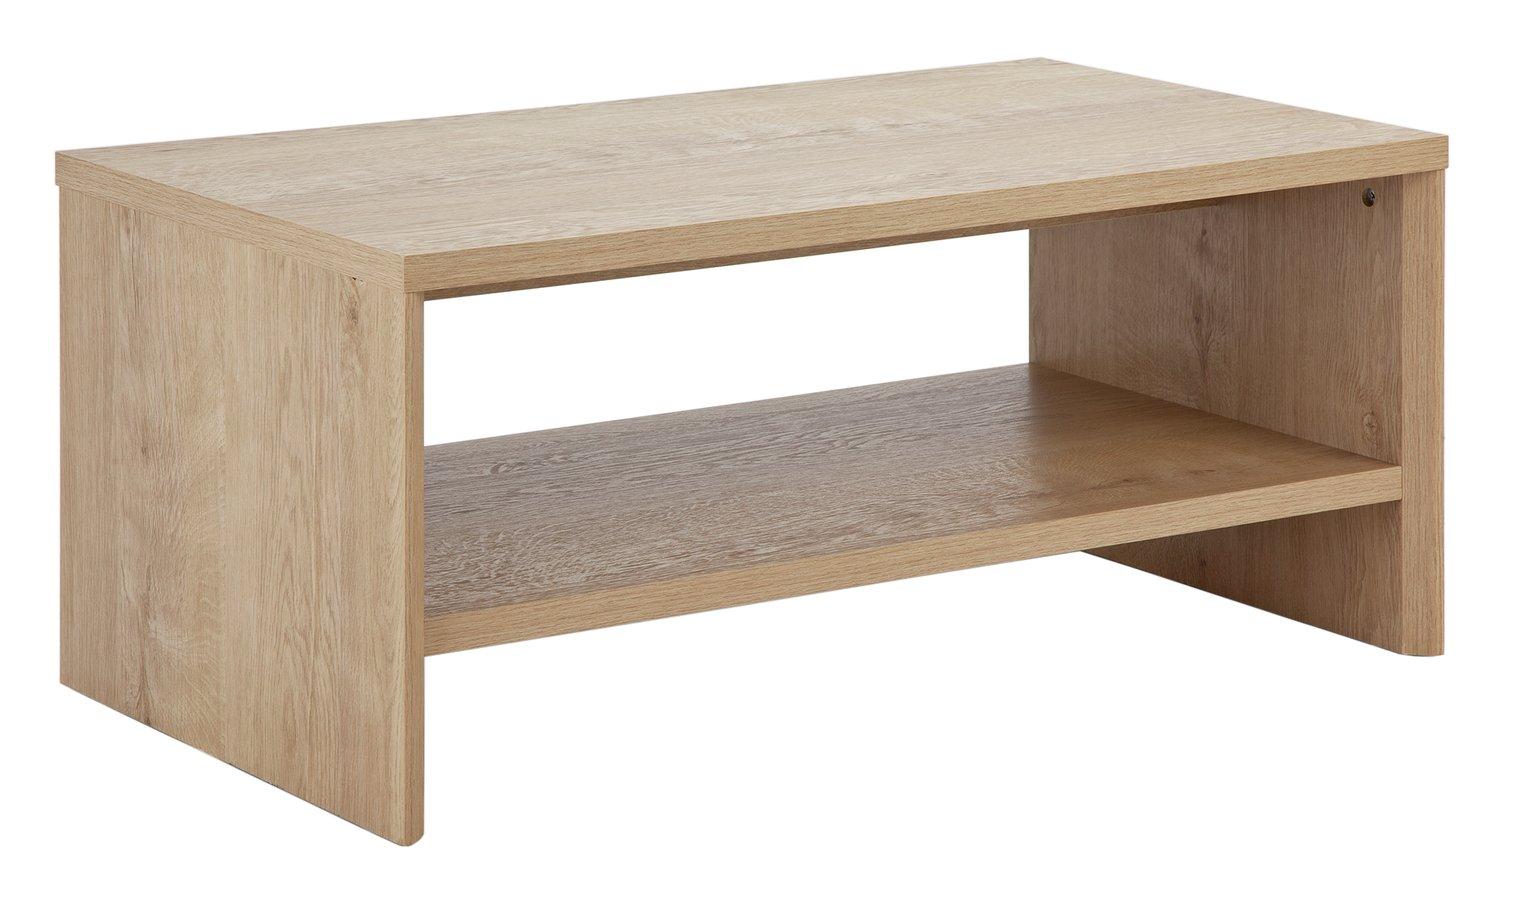 Argos Home Dalen Coffee Table - Oak Effect